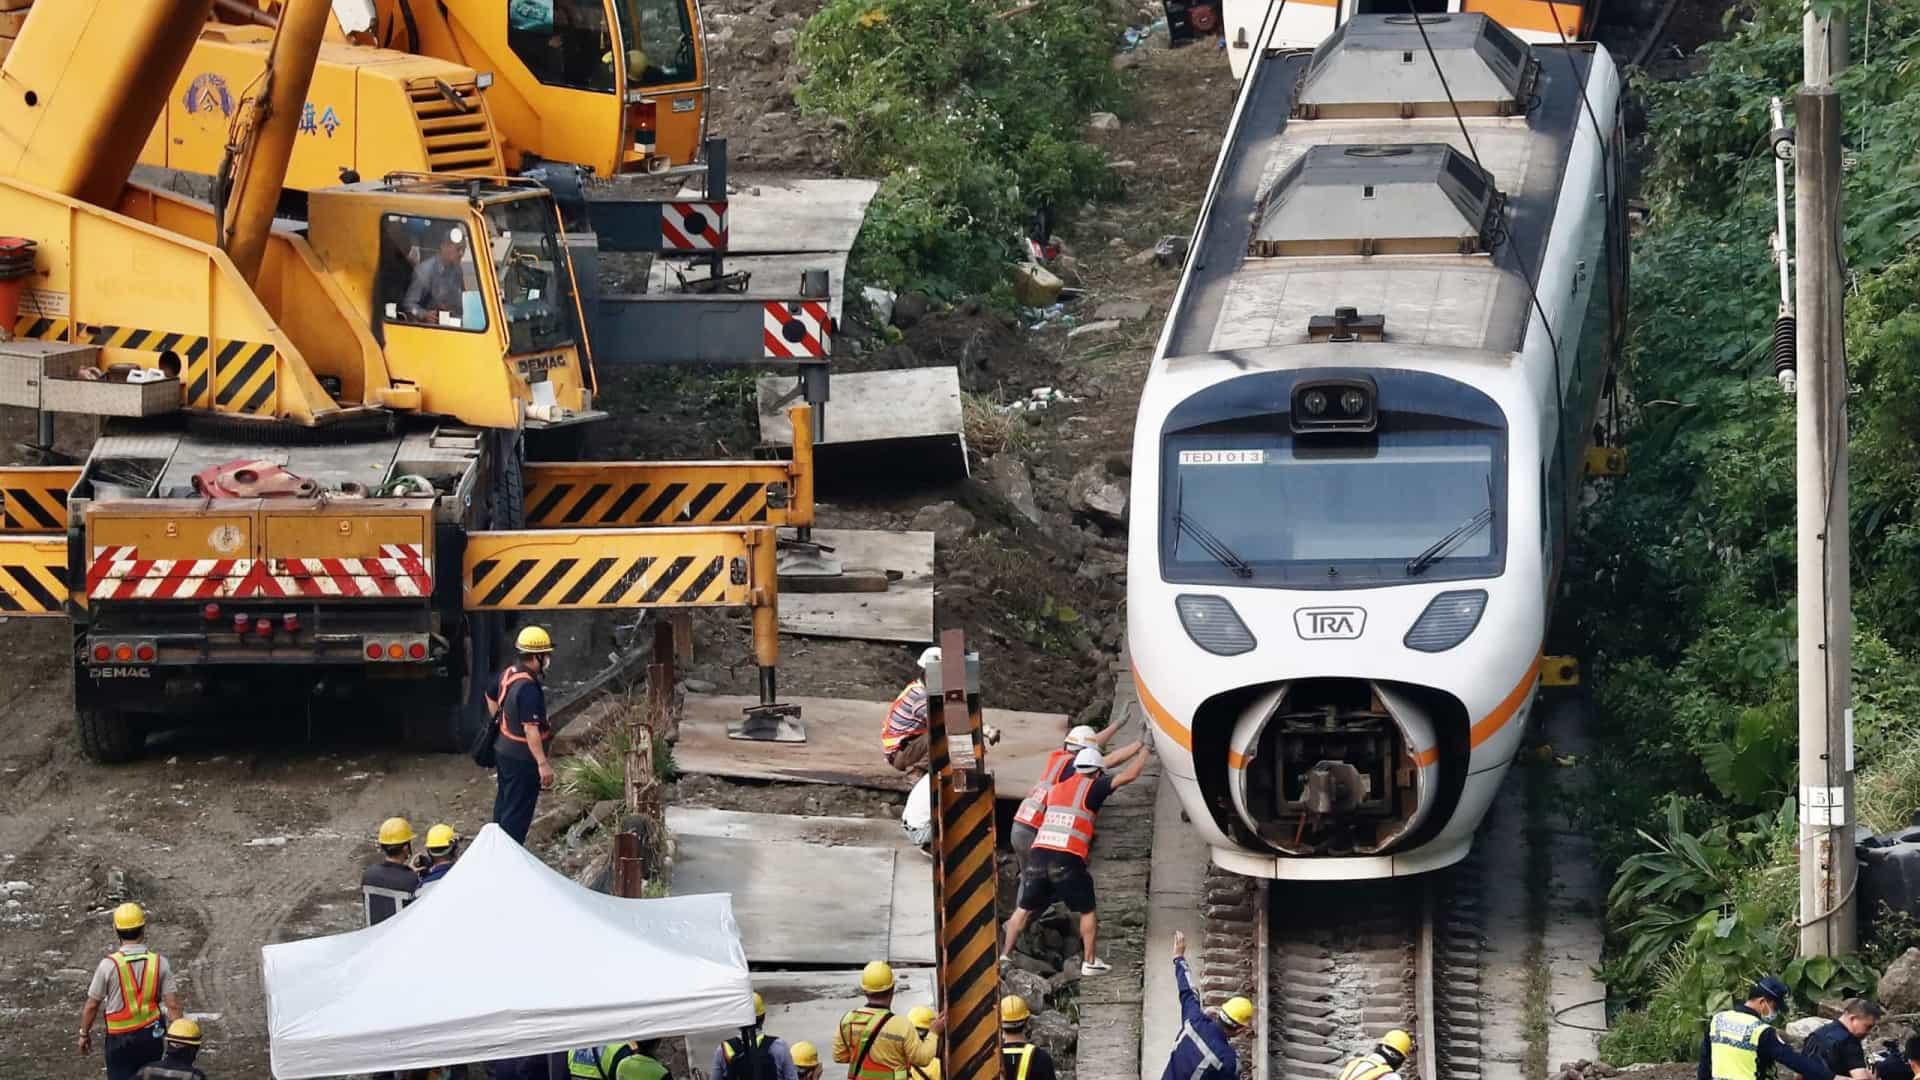 Pior acidente de trem em Taiwan em décadas deixa 50 mortos